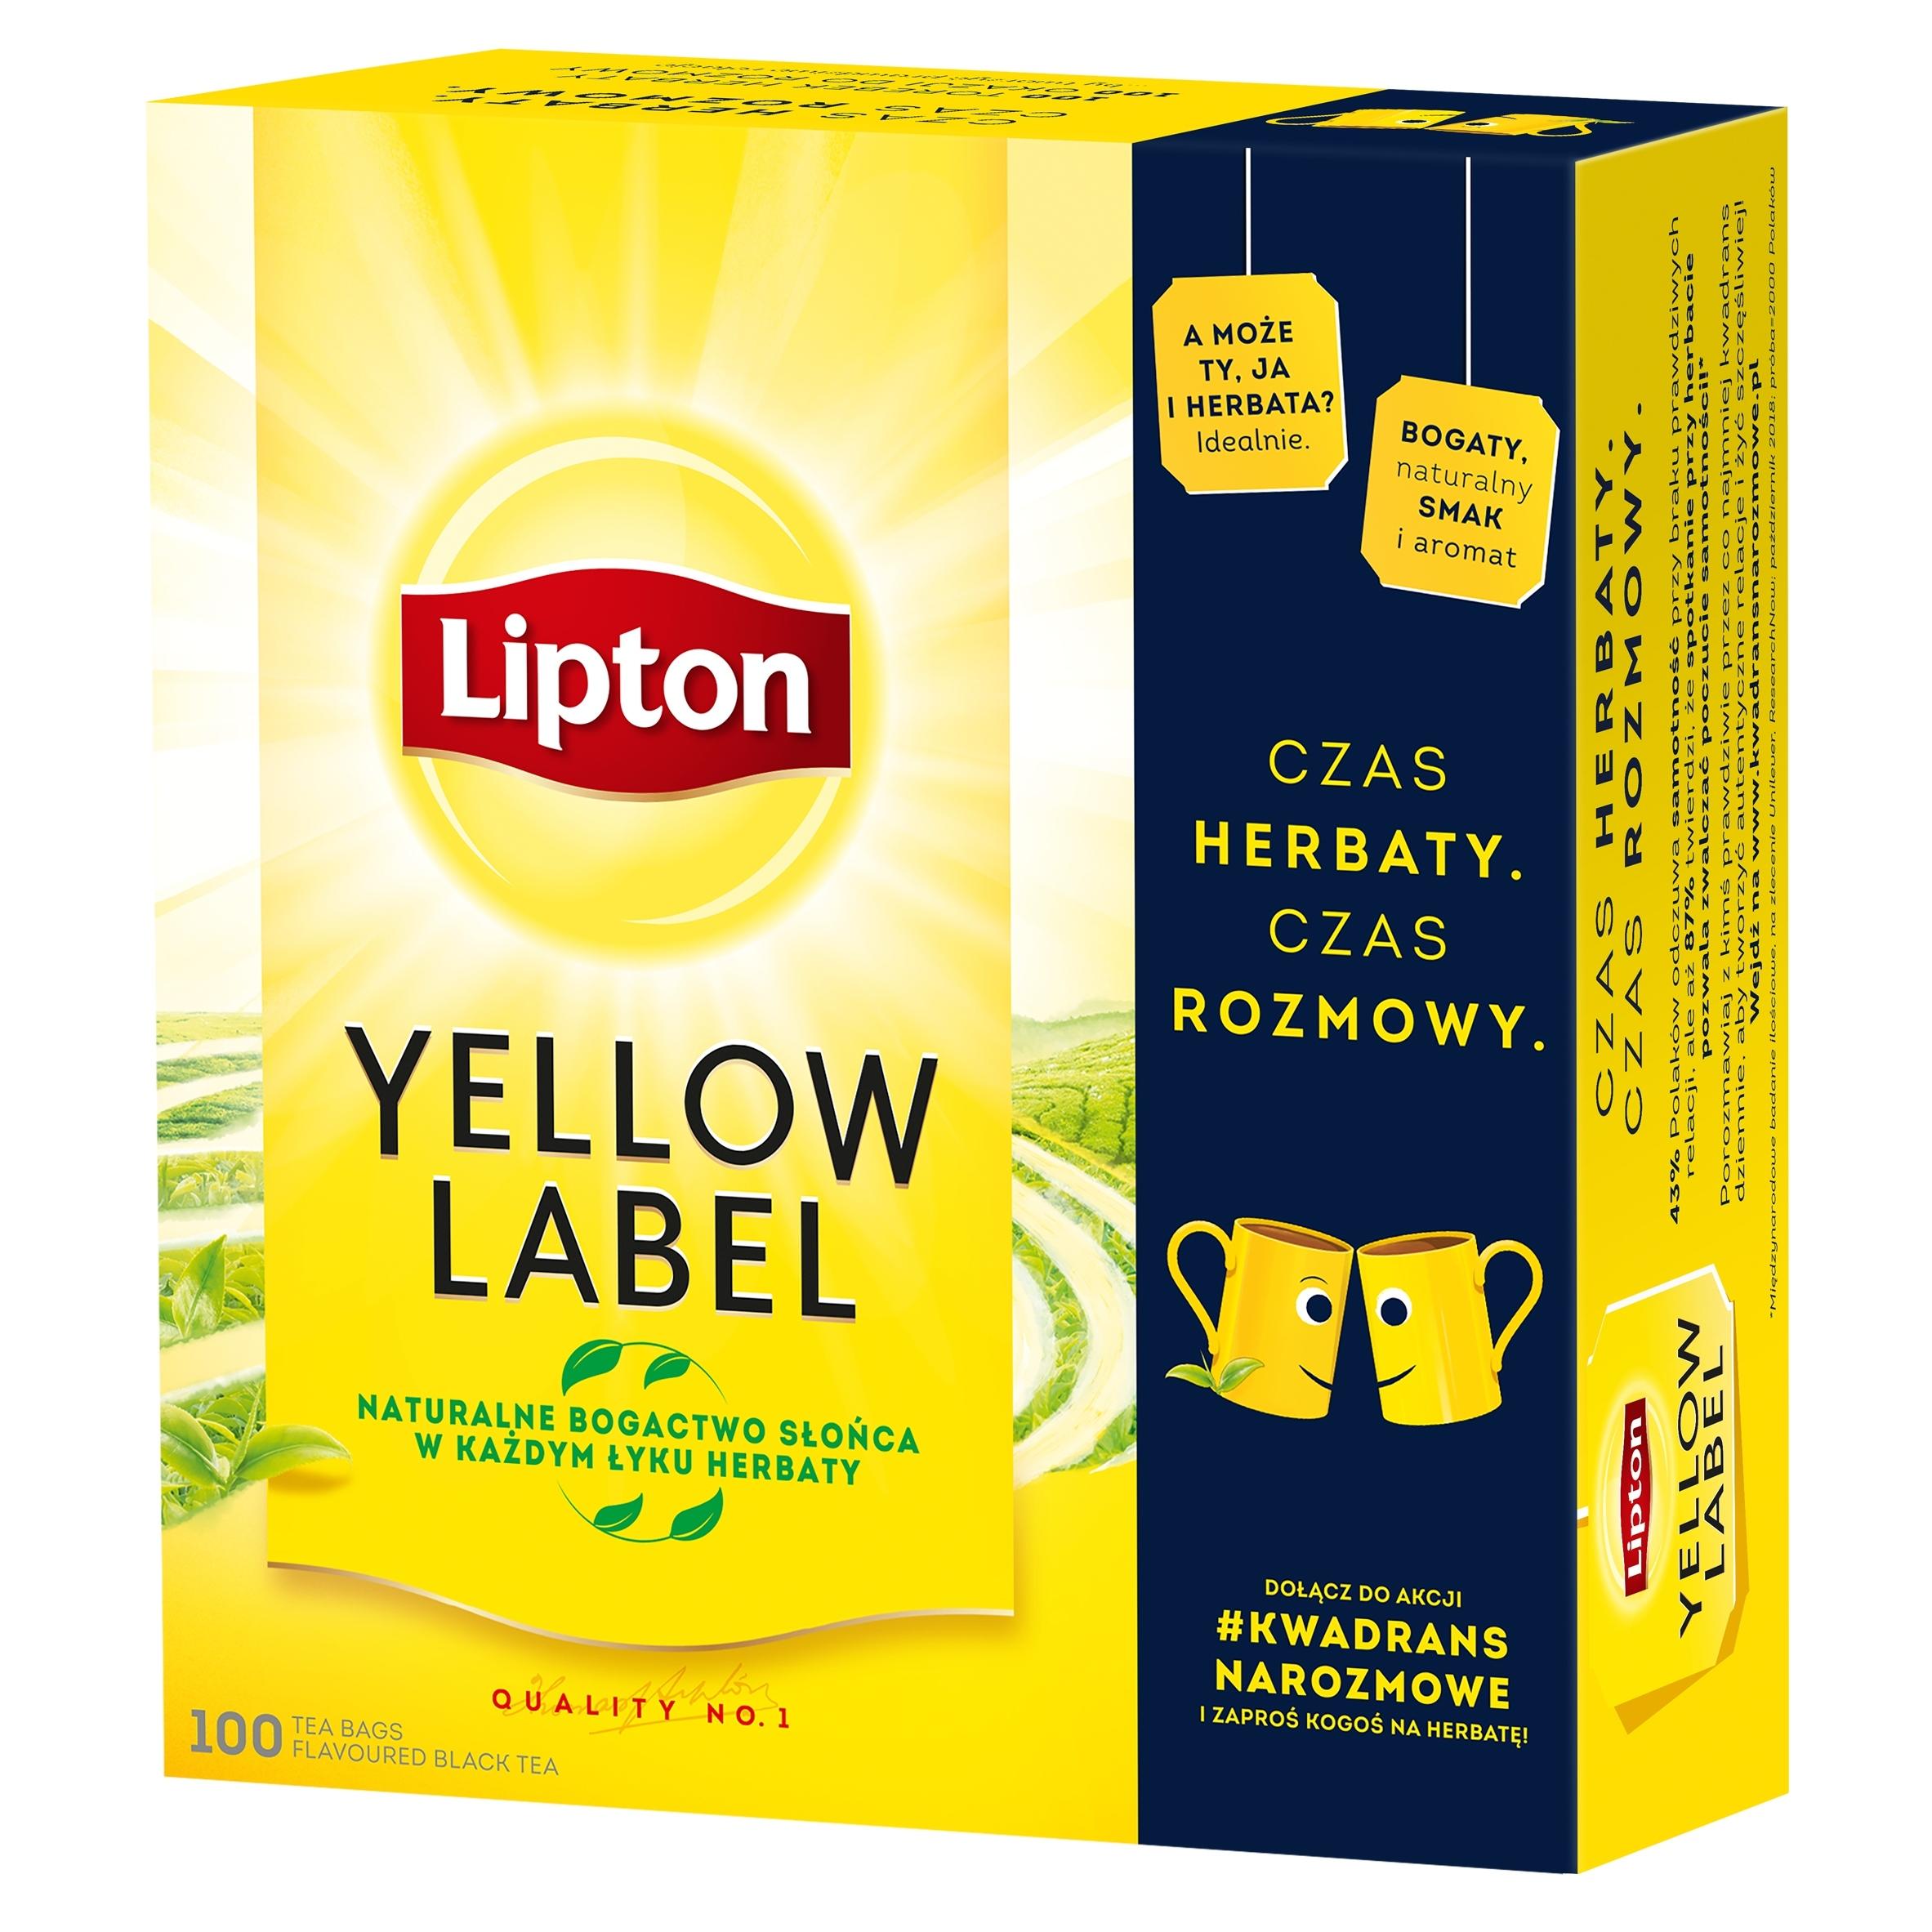 Черный чай Lipton Yellow Label 100ex 200г